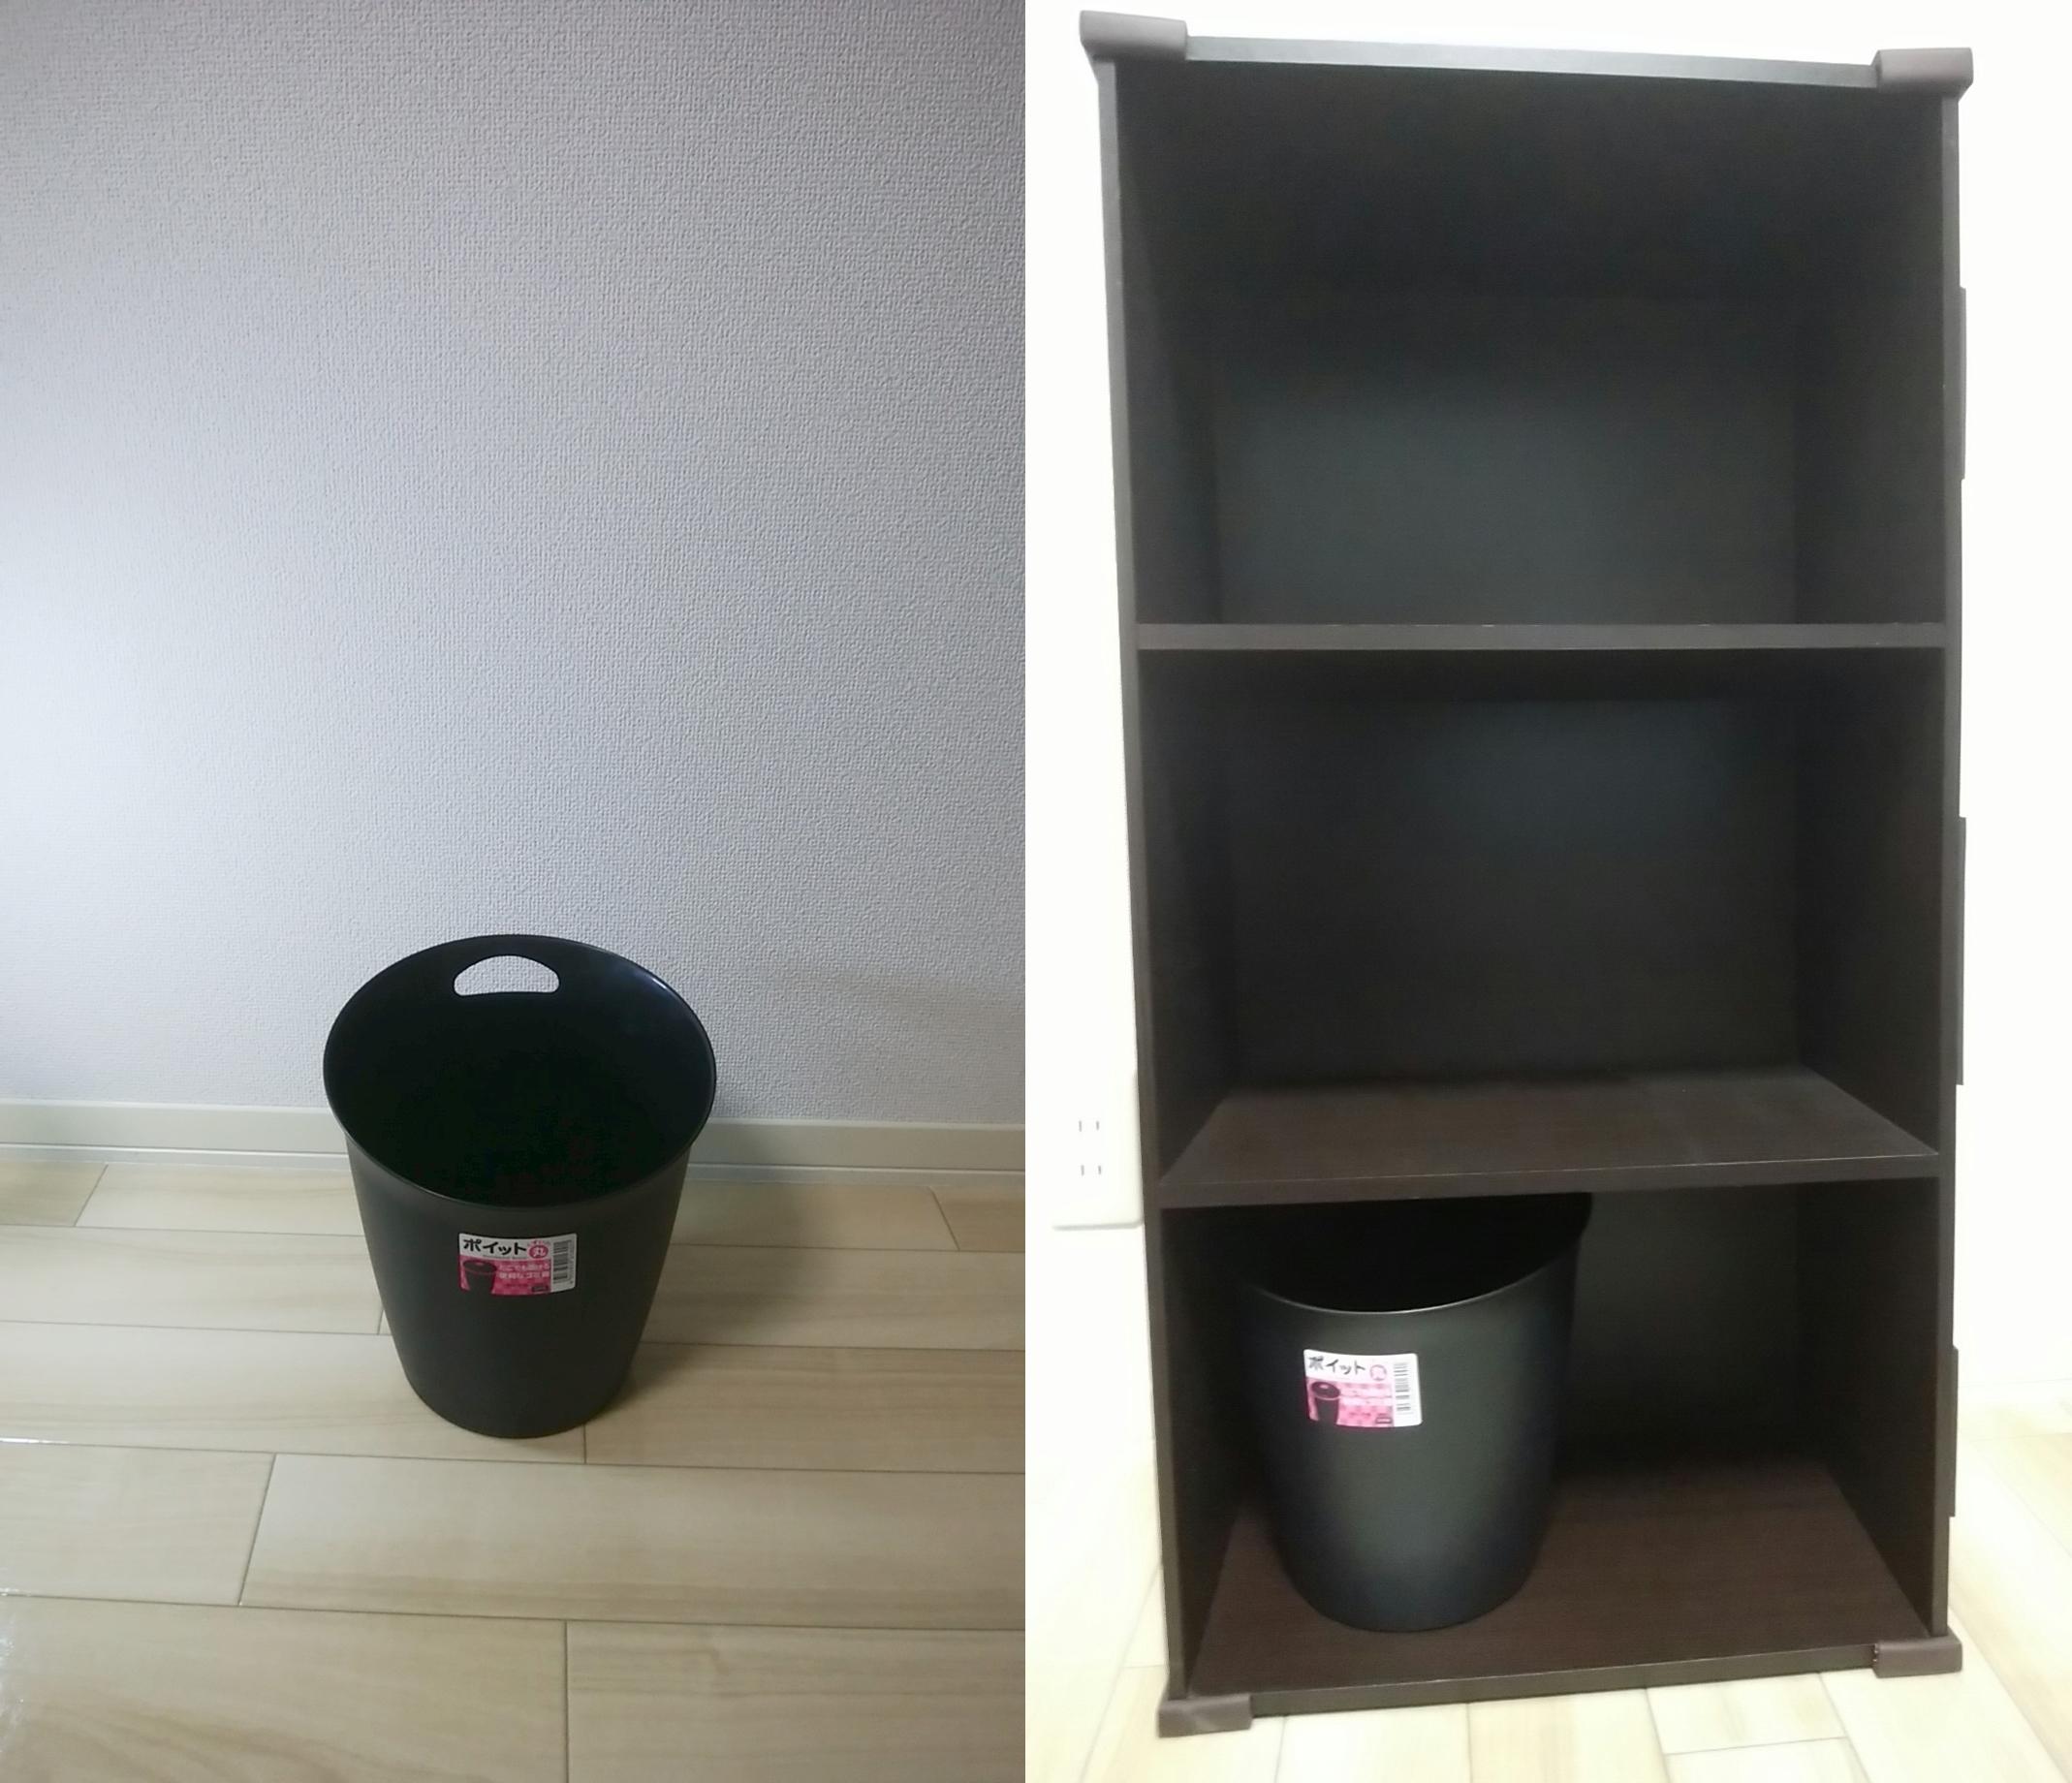 ゴミ箱を床置きした場合とカラーボックスに入れた場合